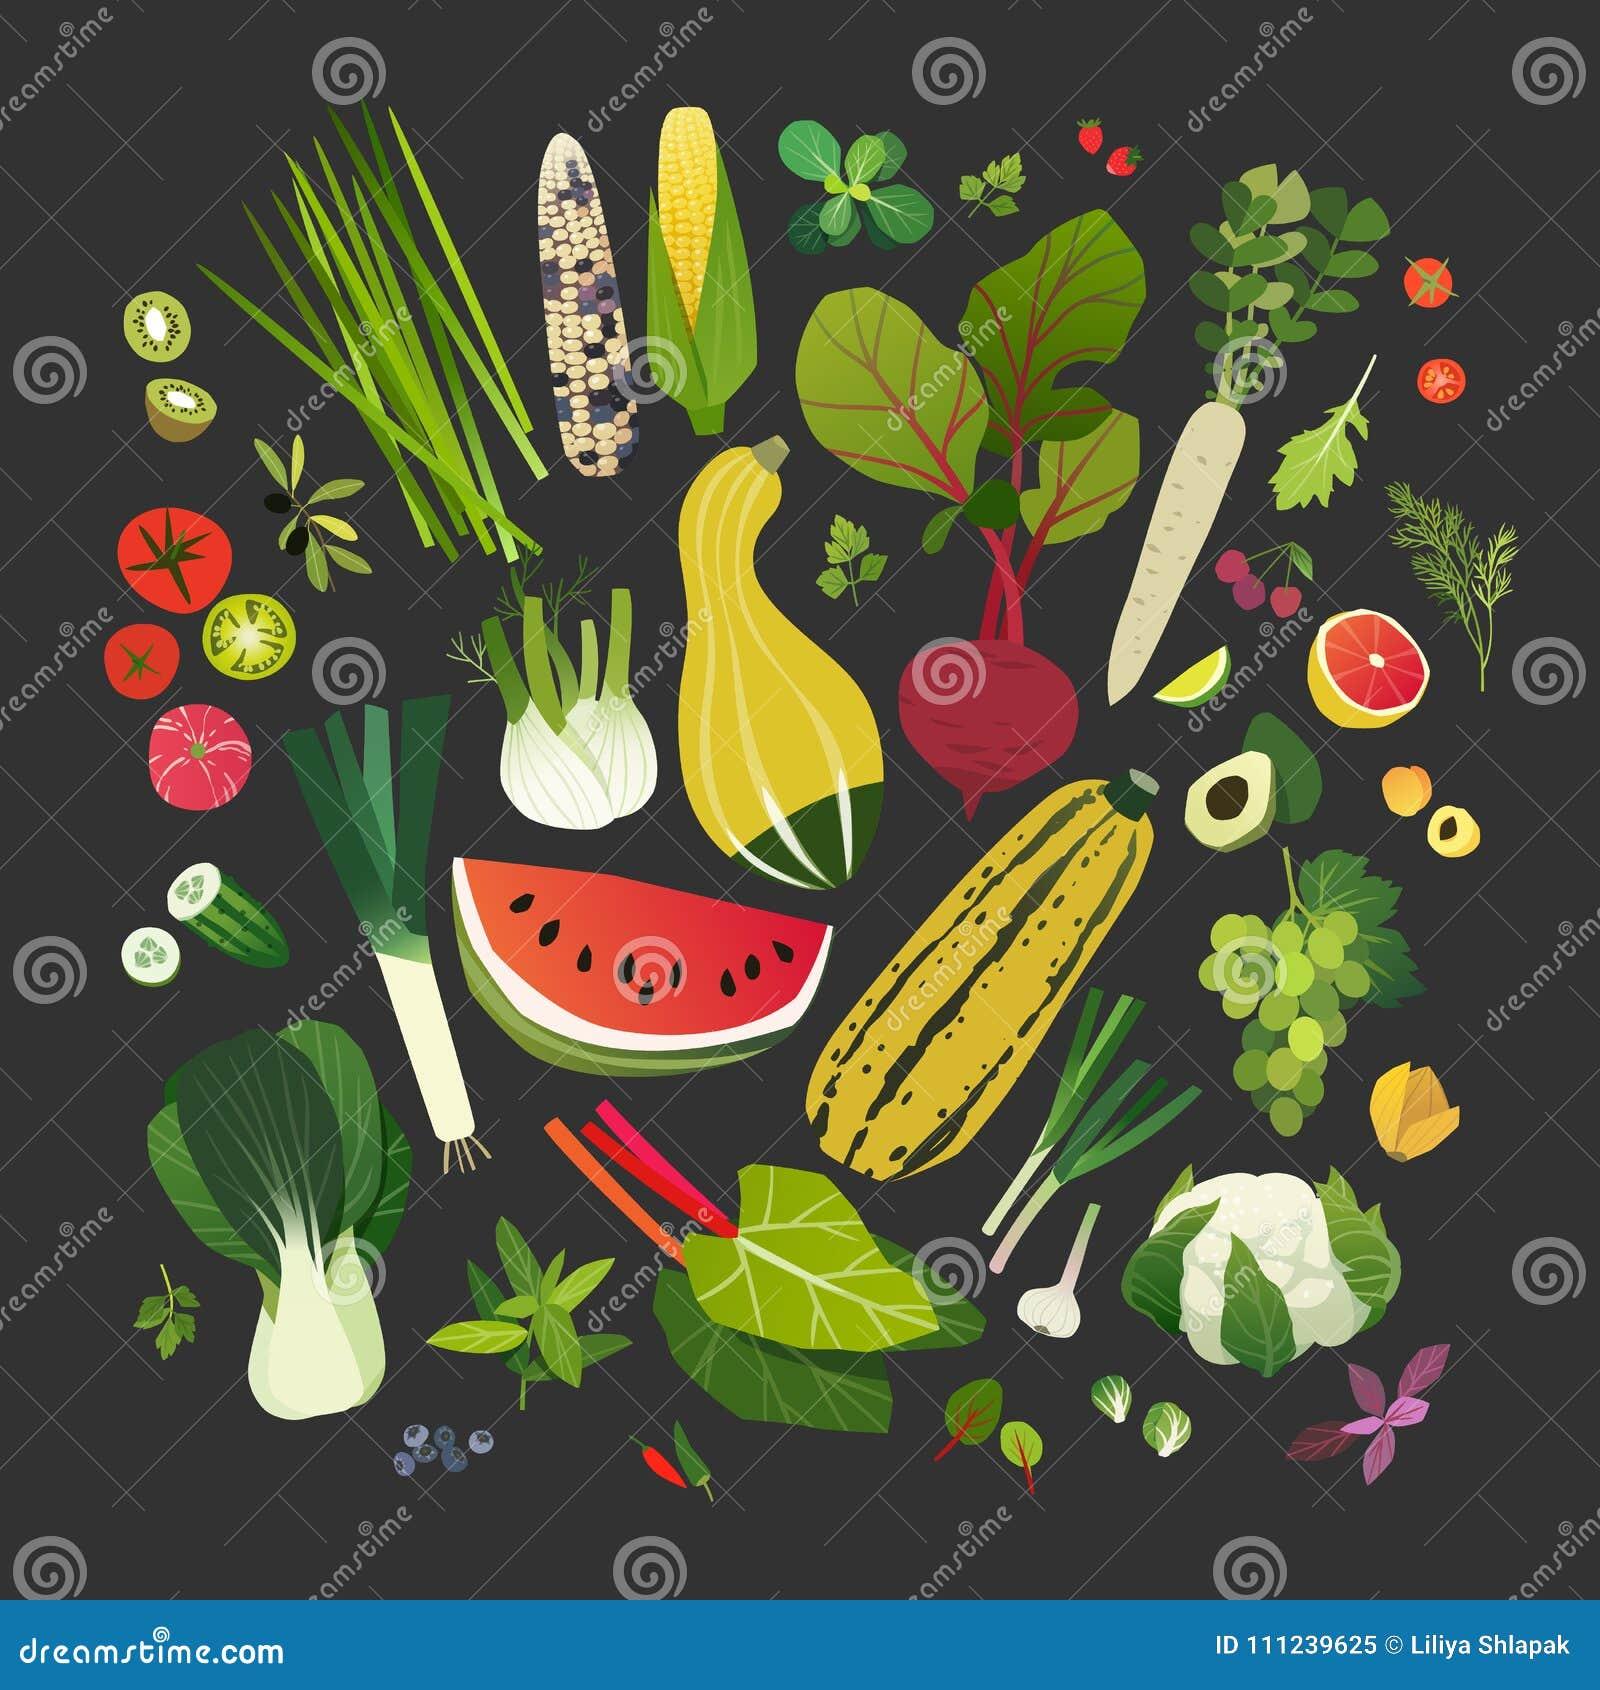 水果、蔬菜、叶茂盛绿色和共同的草本的汇集